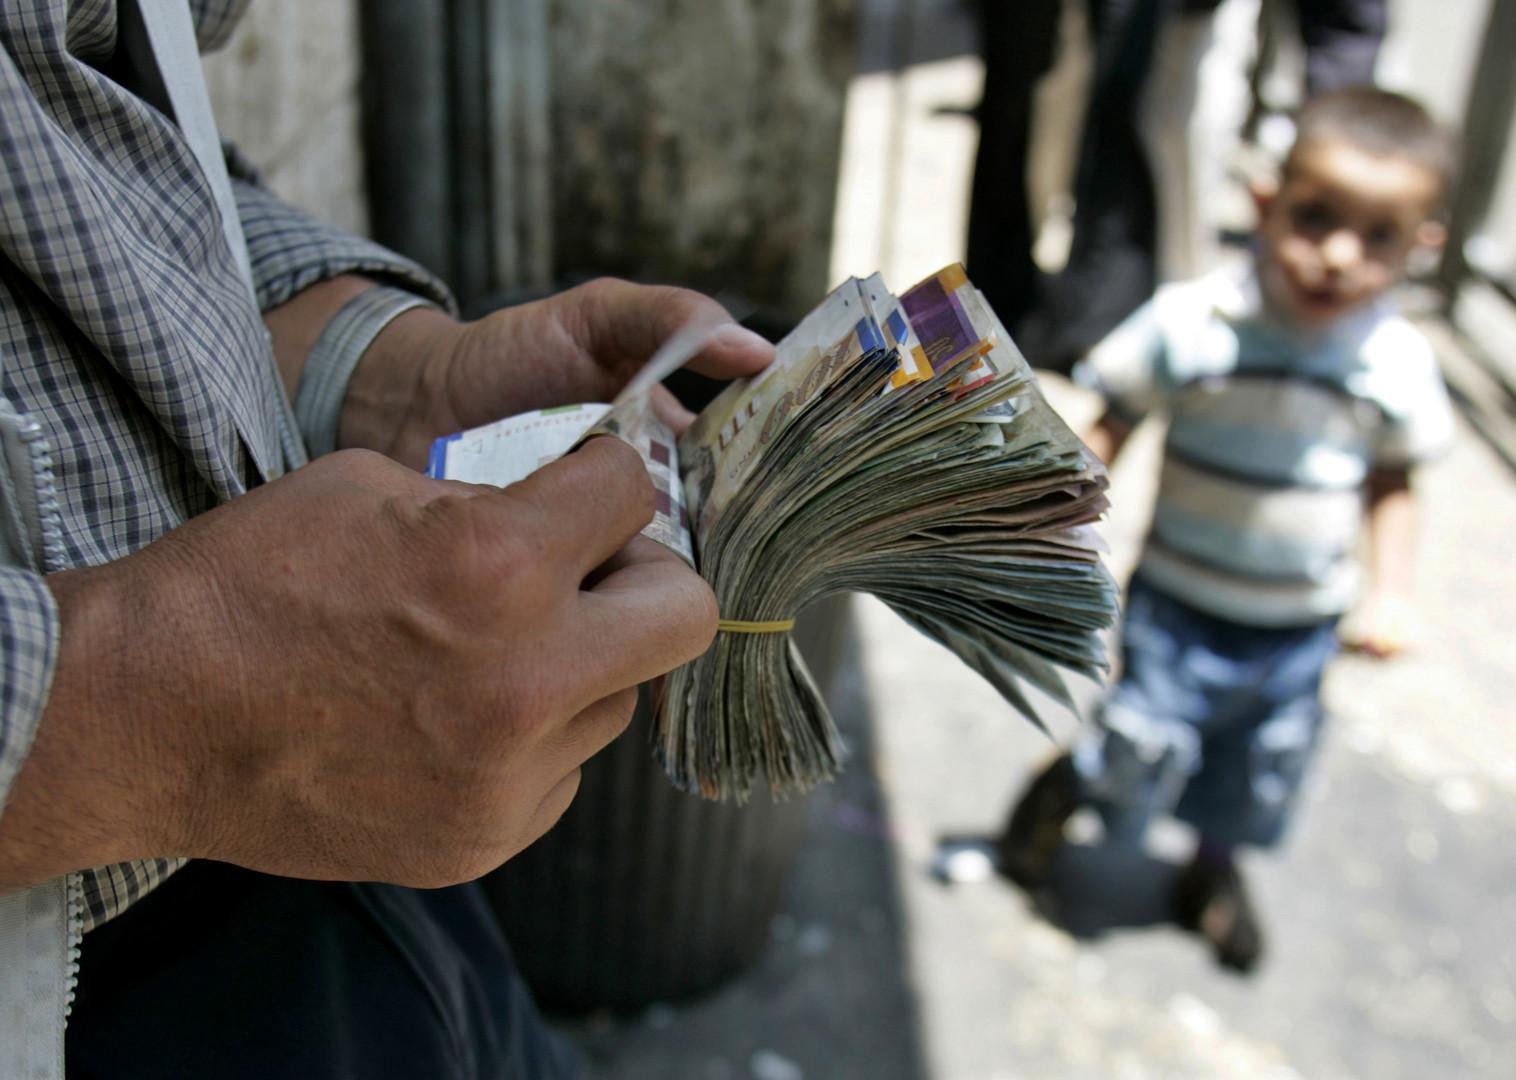 رئيس سلطة النقد الفلسطينية: الوضع المالي الفلسطيني على شفا الانهيار